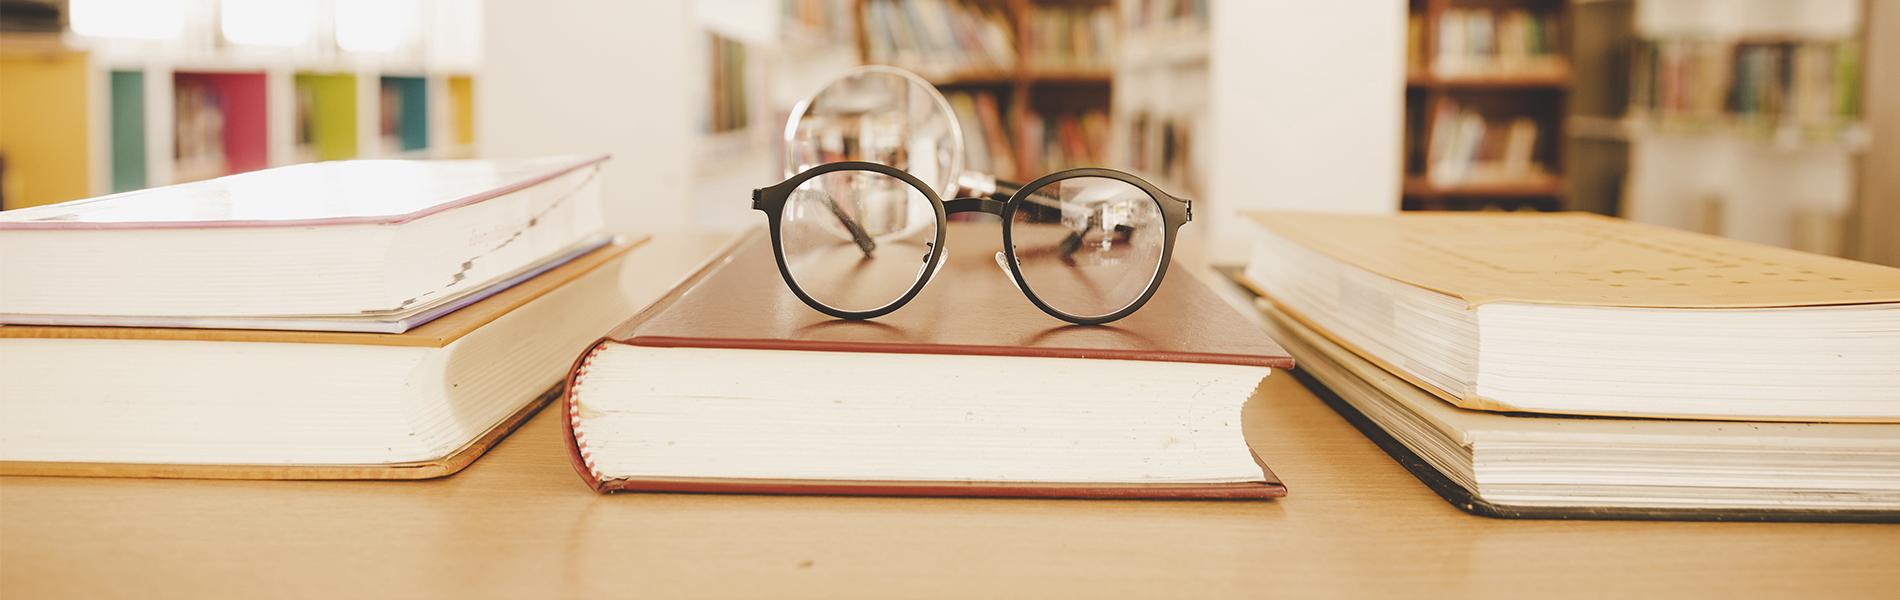 Banner com fundo bege com uma mesa, livros e óculos